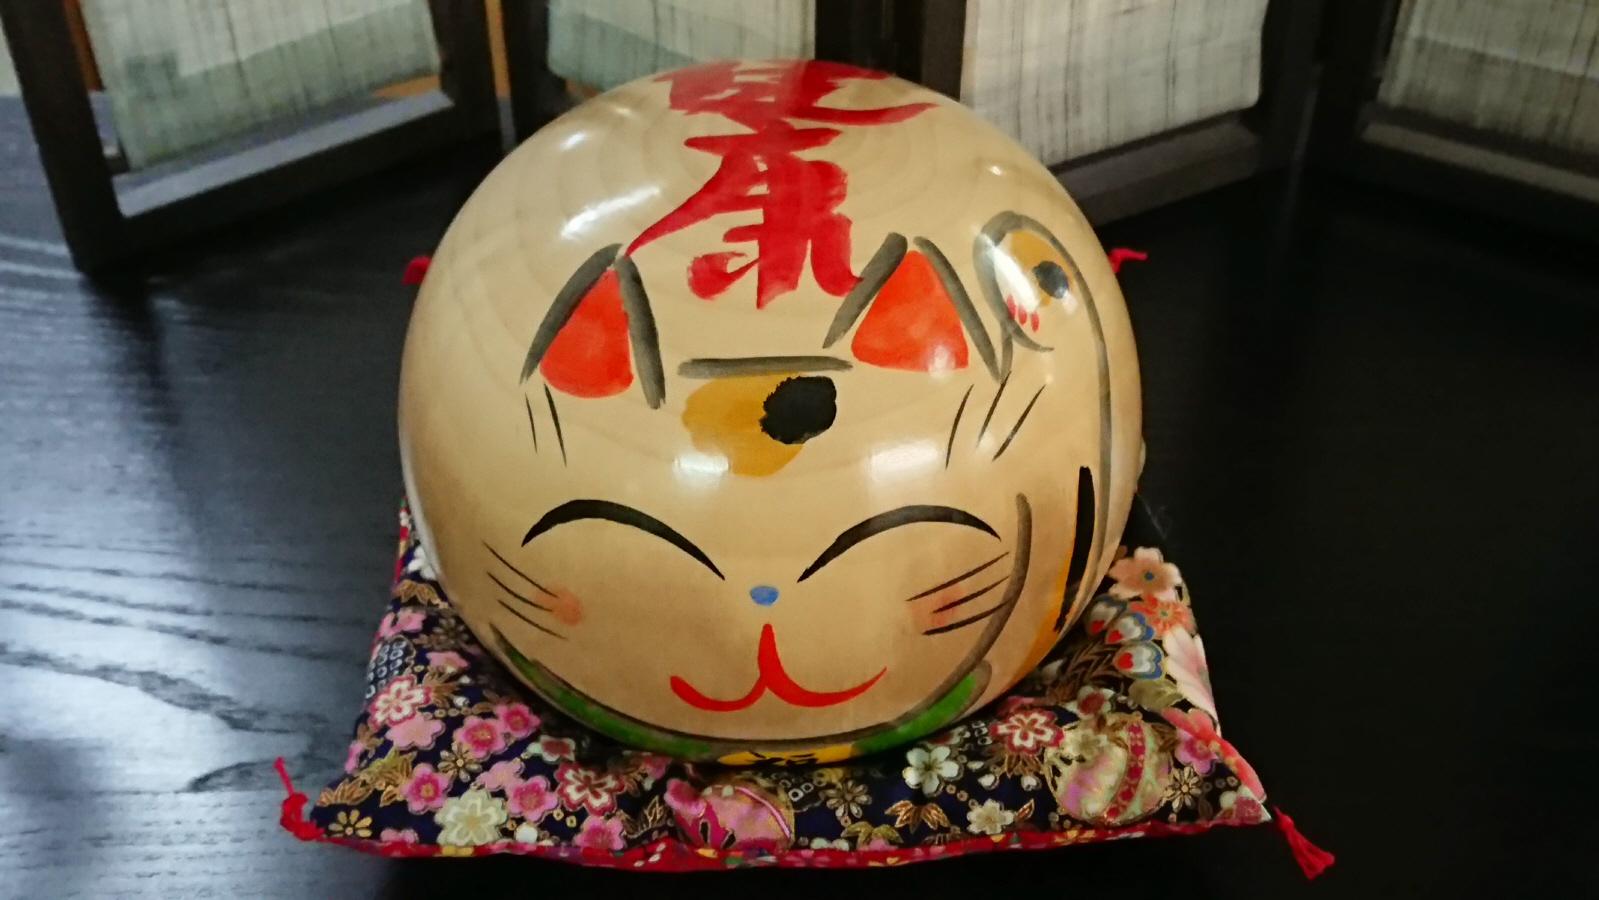 高橋昭倫 民芸工房たかはし仙臺さすり まねき猫 健康 特大